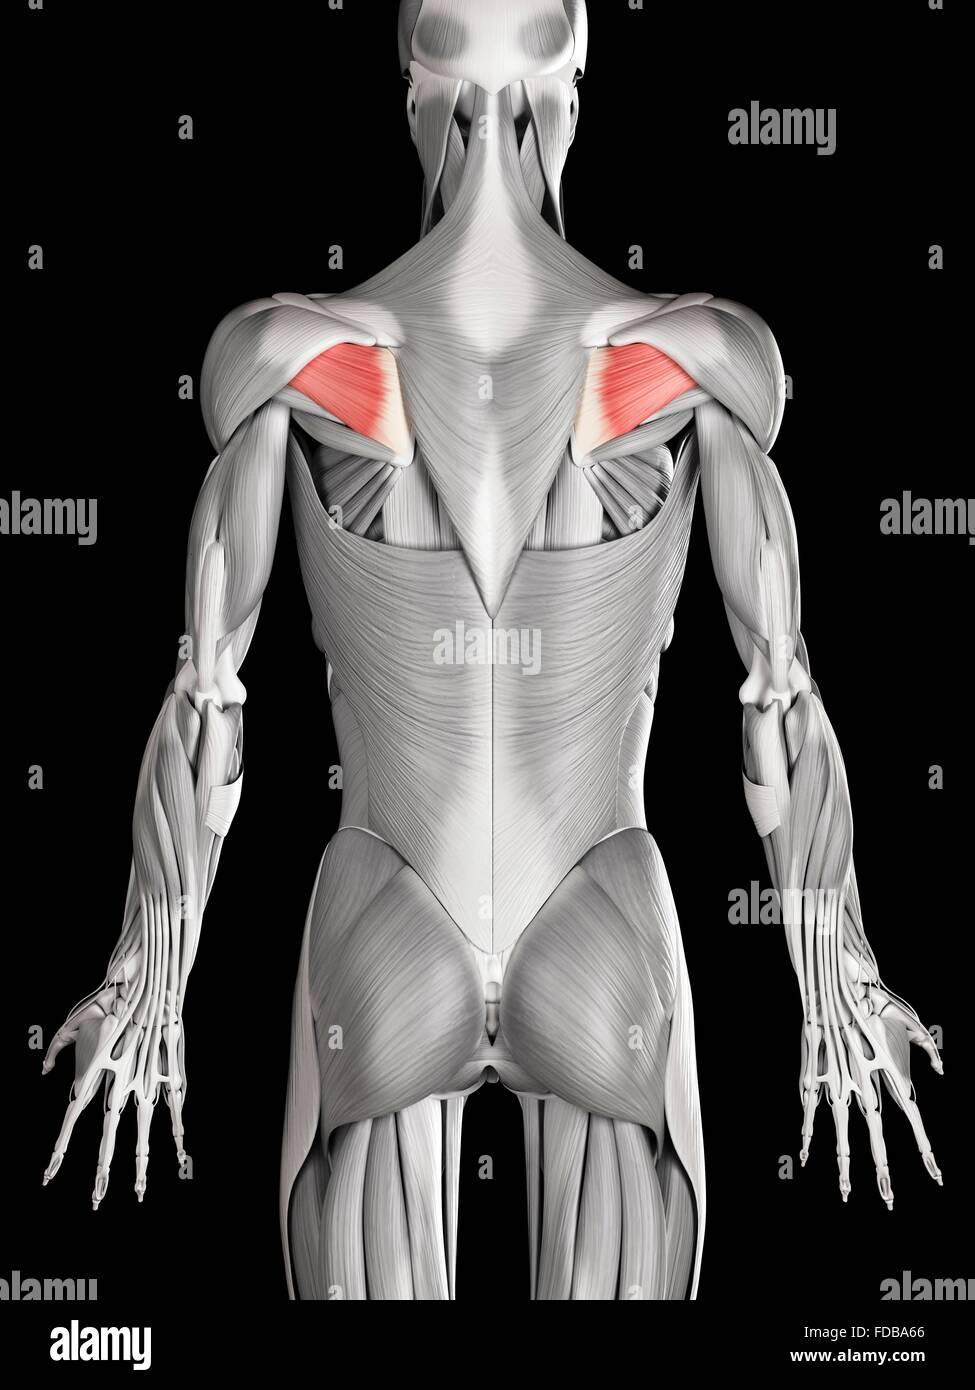 Tolle Muskeln Im Rücken Diagramm Ideen - Menschliche Anatomie Bilder ...